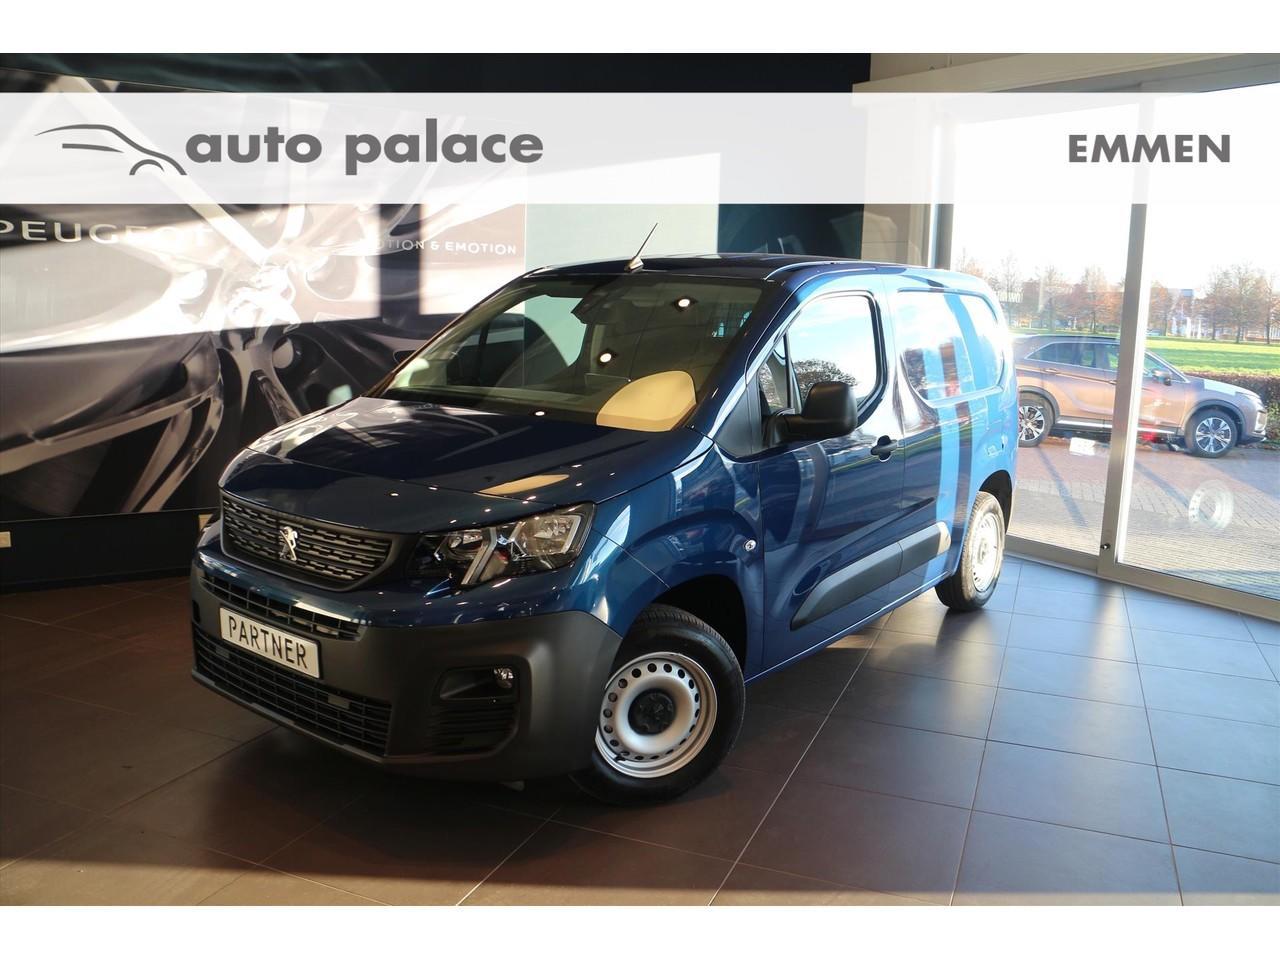 Peugeot Partner Premium 1.6 hdi 100 €3.782,- korting!